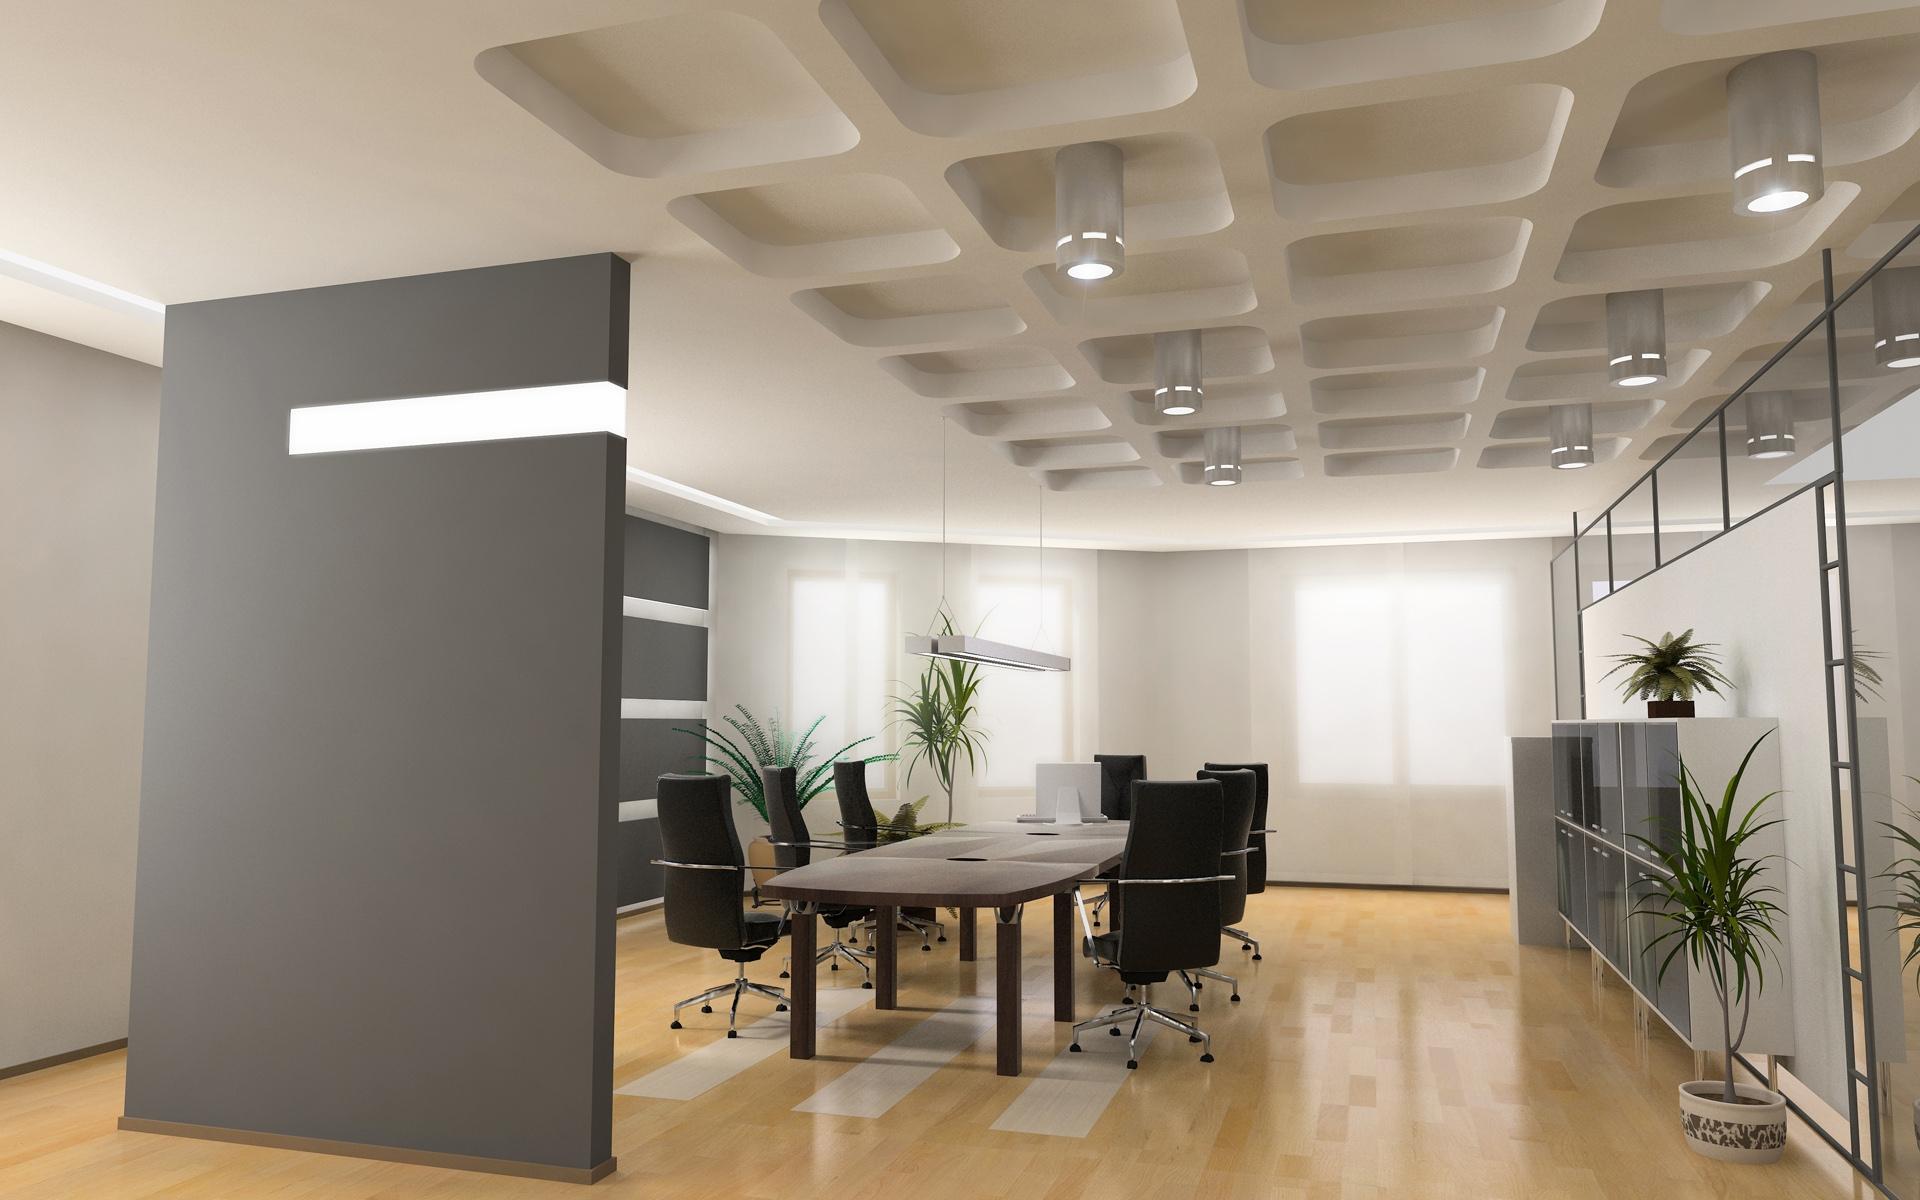 Fond d écran chambre bureau moderne design d intérieur salle